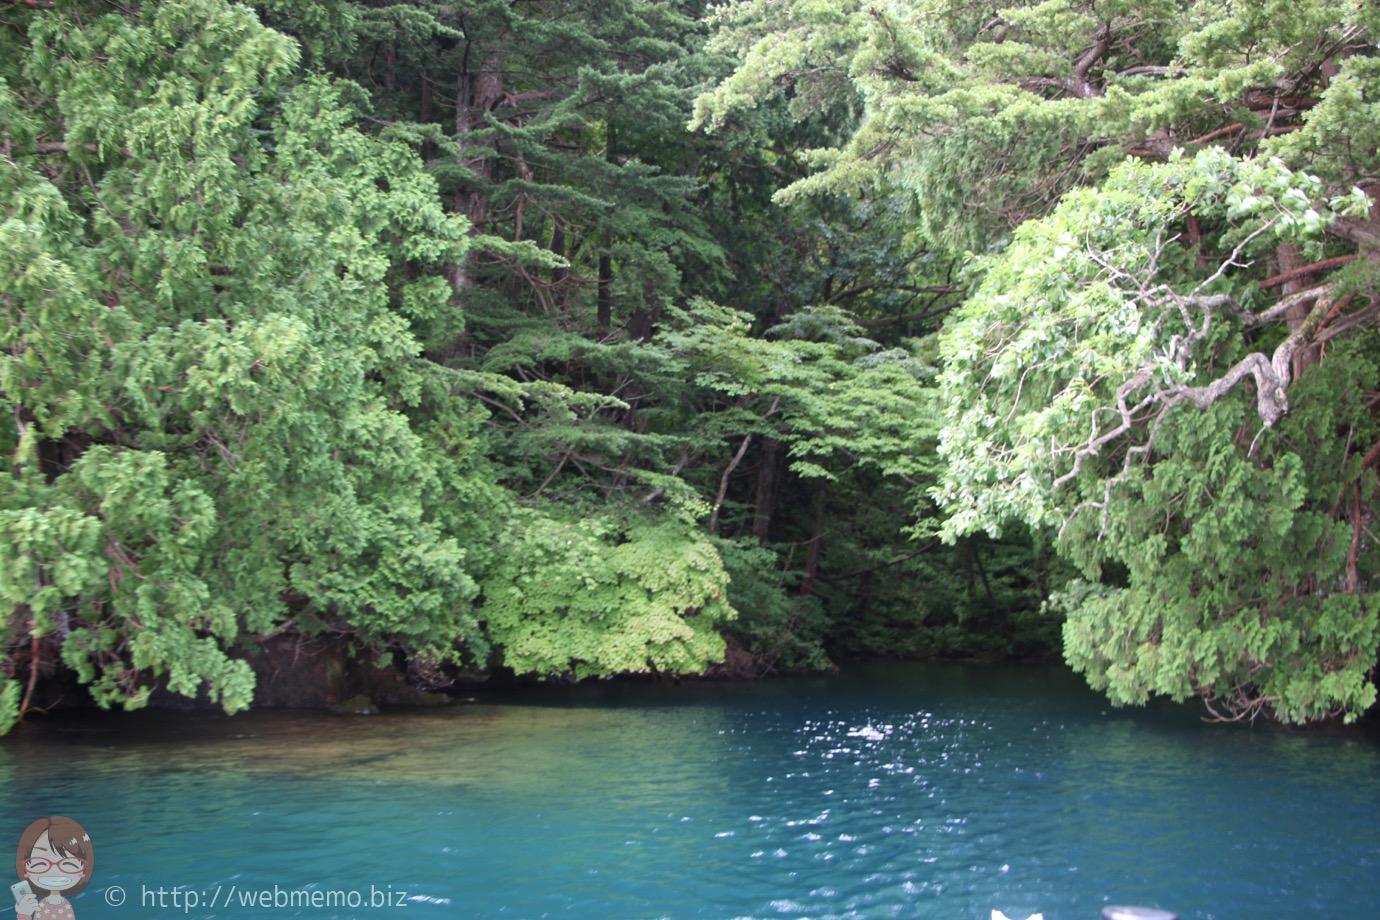 グリランド体験談 十和田湖・特別保護区で見た秘境とエメラルドグリーンの湖